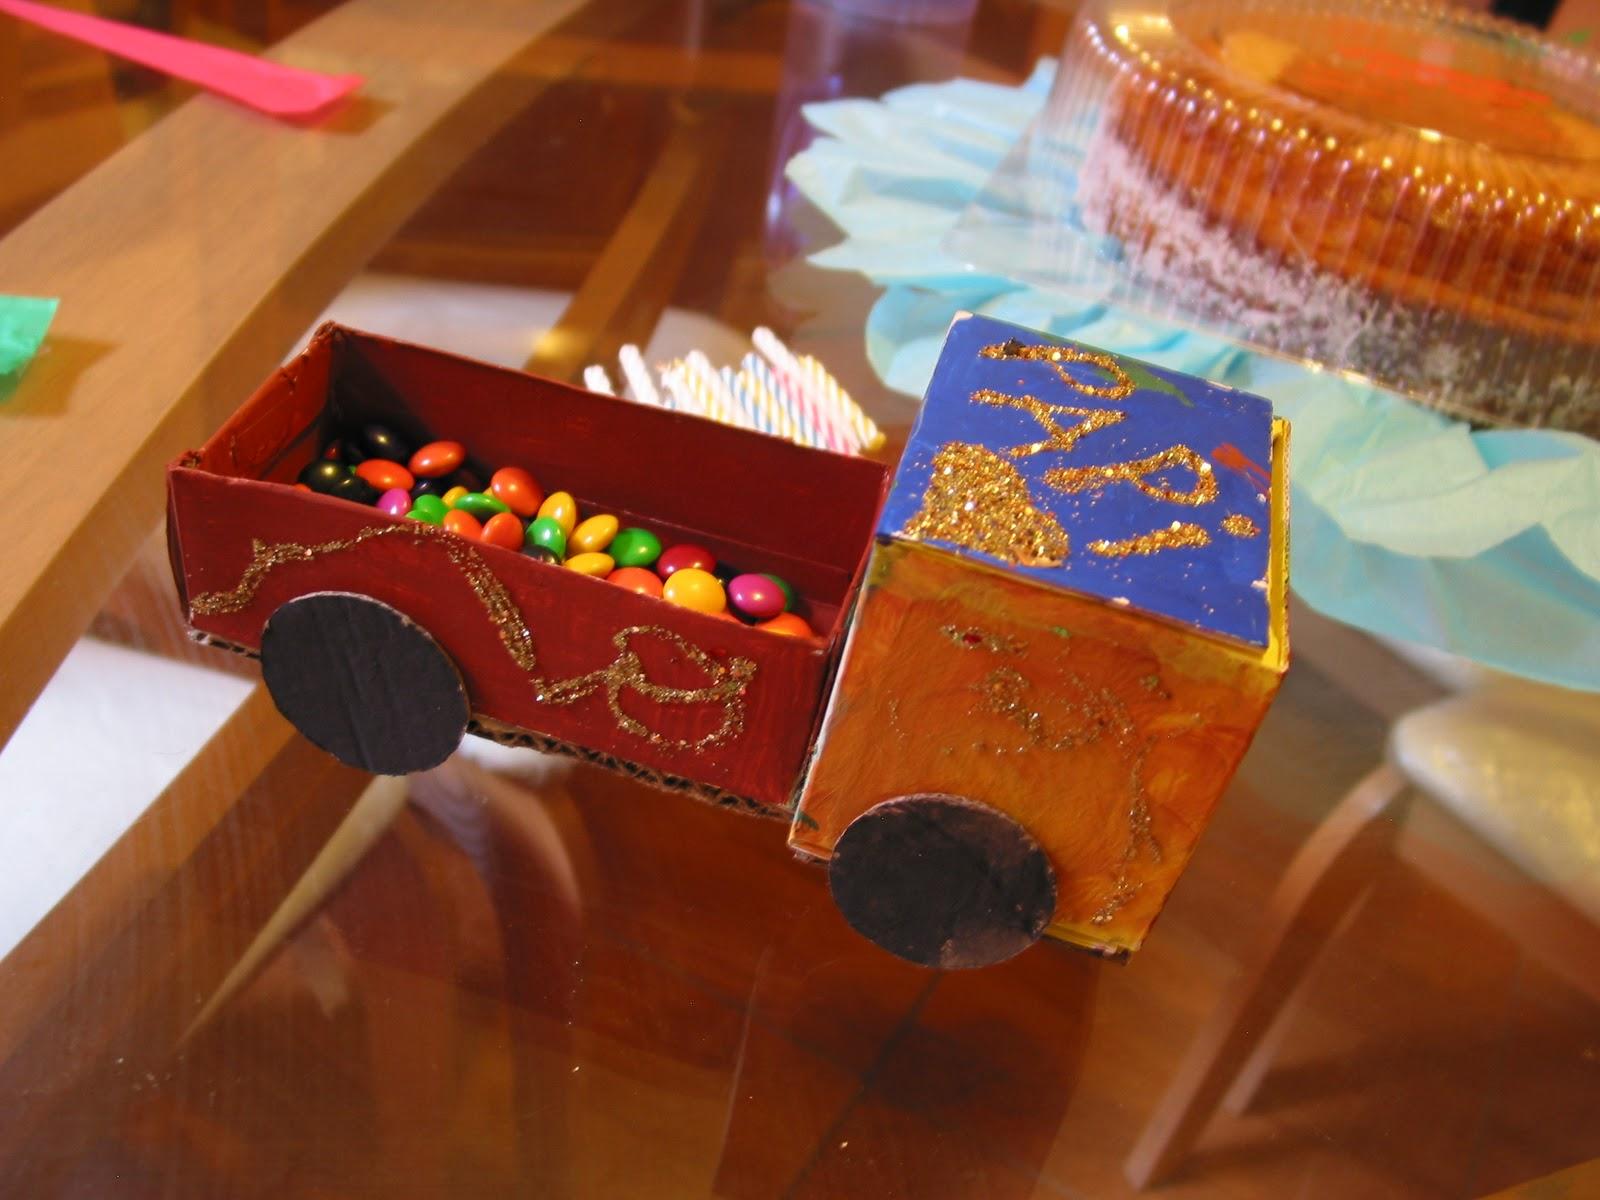 lo que hemos hecho con estos materiales desde regalos de cumpleaños